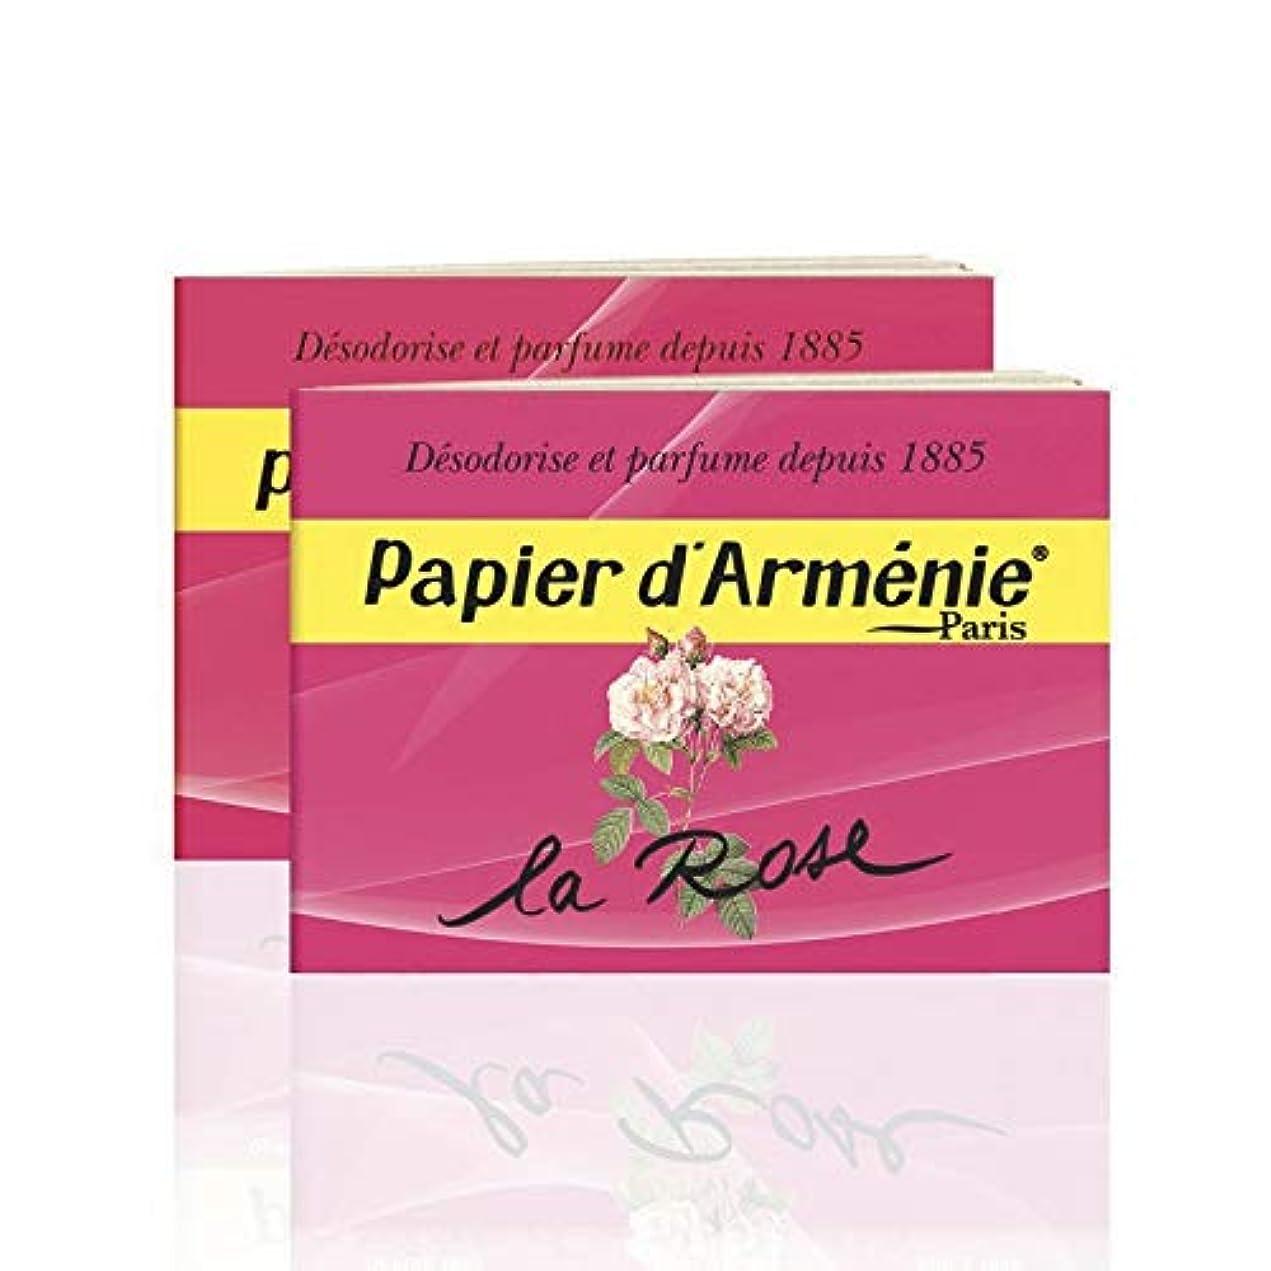 偽善者スクリュー評価Papier d'Arménie パピエダルメニイ ローズ 紙のお香 フランス直送 [並行輸入品] (2個)